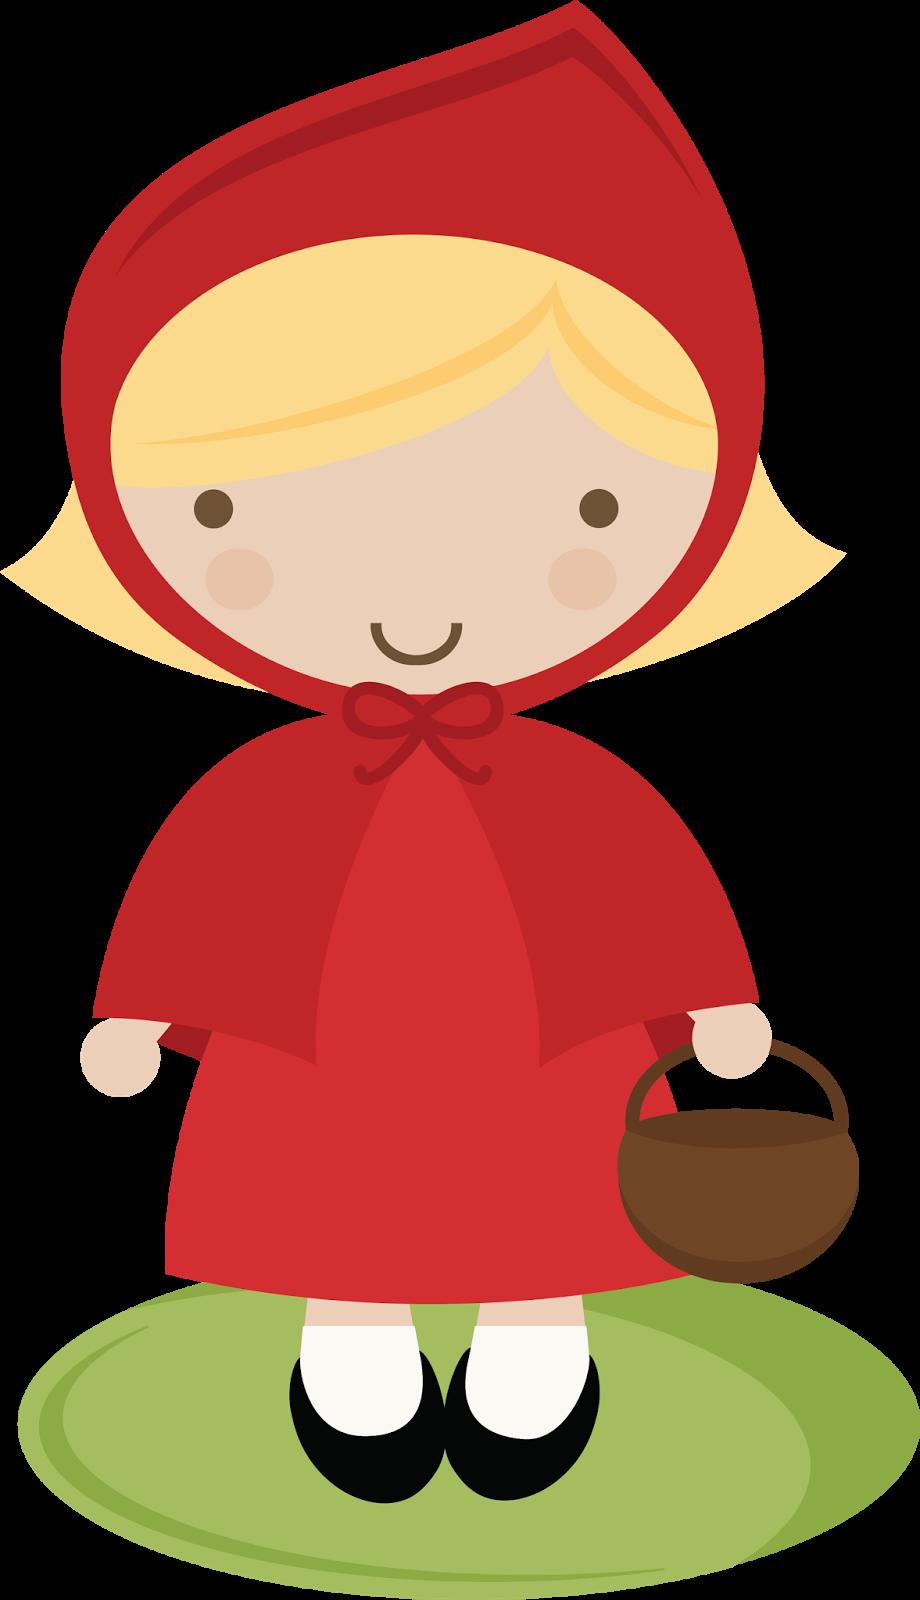 Little Red Riding Hood Template Clipart -Little Red Riding Hood Template Clipart Best-9